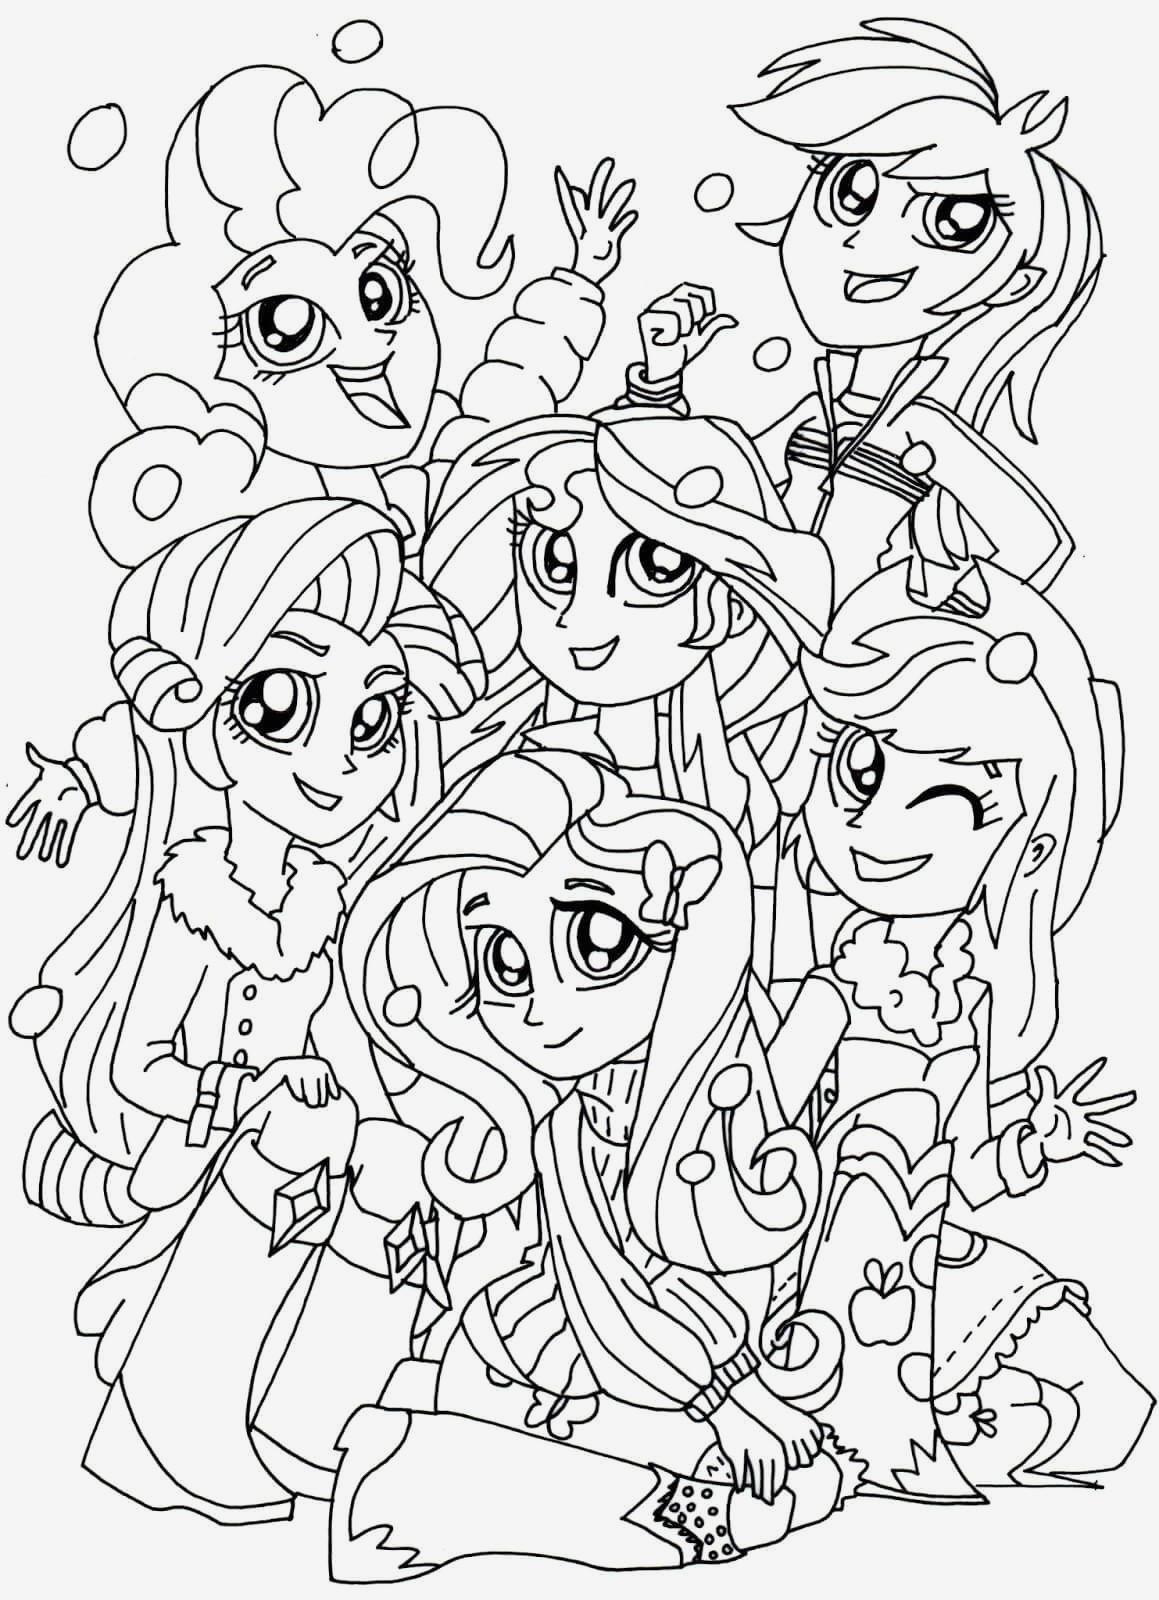 My Little Pony Equestria Girls Ausmalbilder Frisch Beispielbilder Färben My Little Pony Ausmalbilder Das Bild